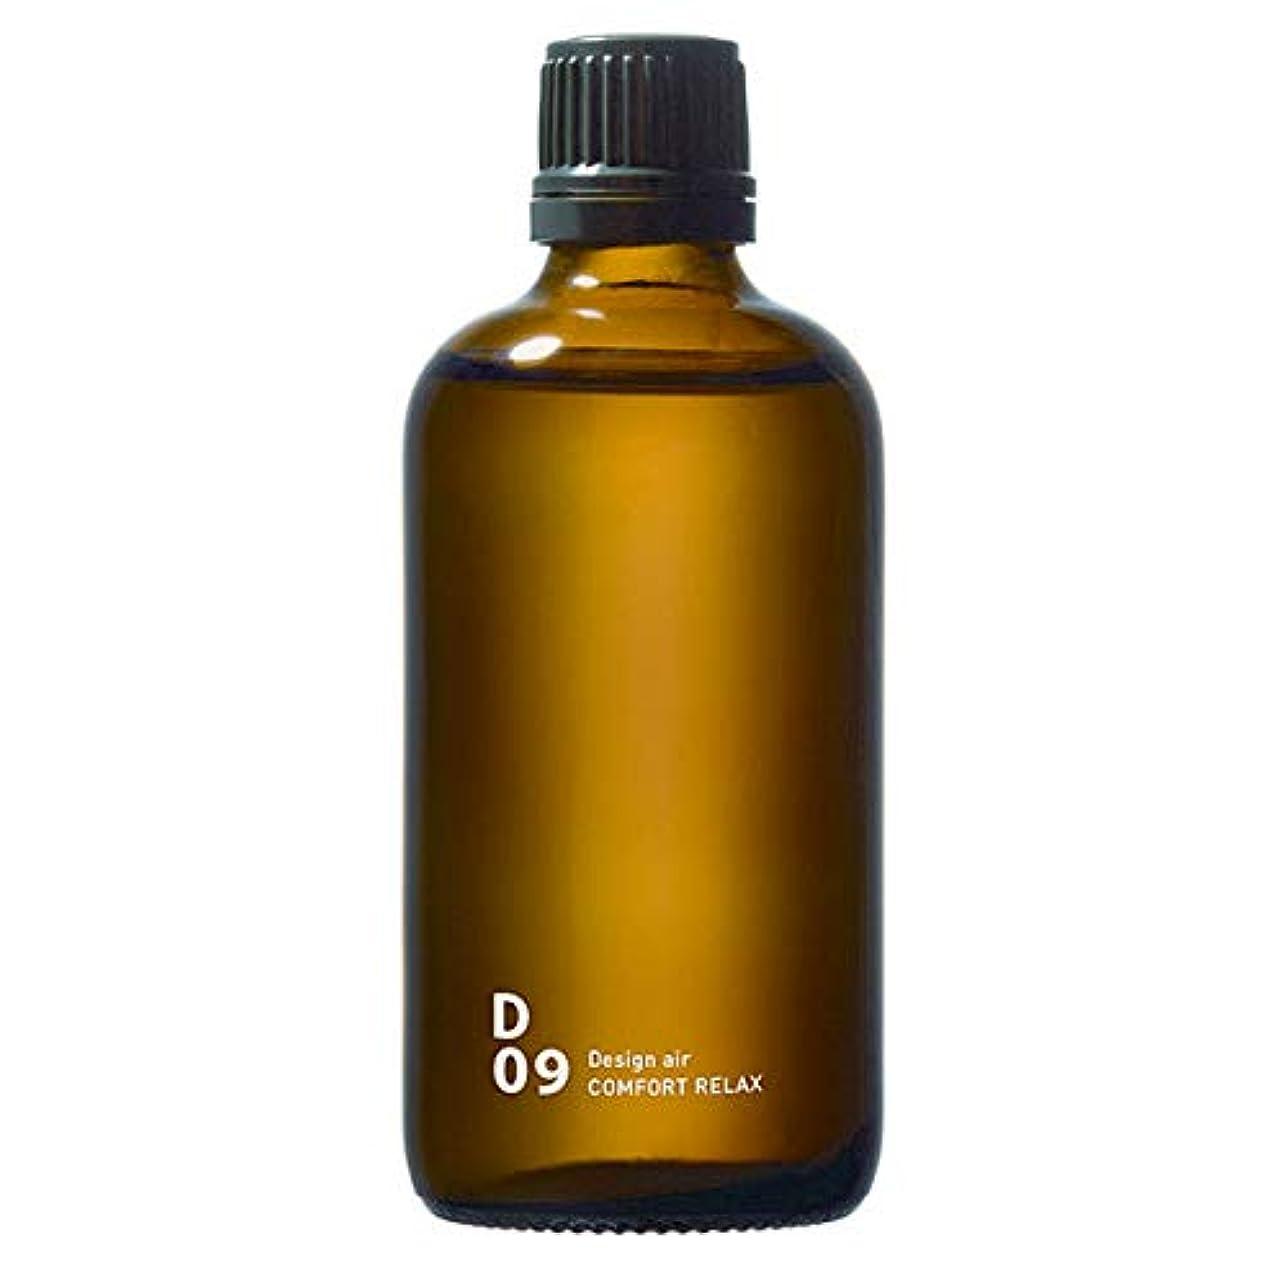 控えめなお香プラスチックD09 COMFORT RELAX piezo aroma oil 100ml